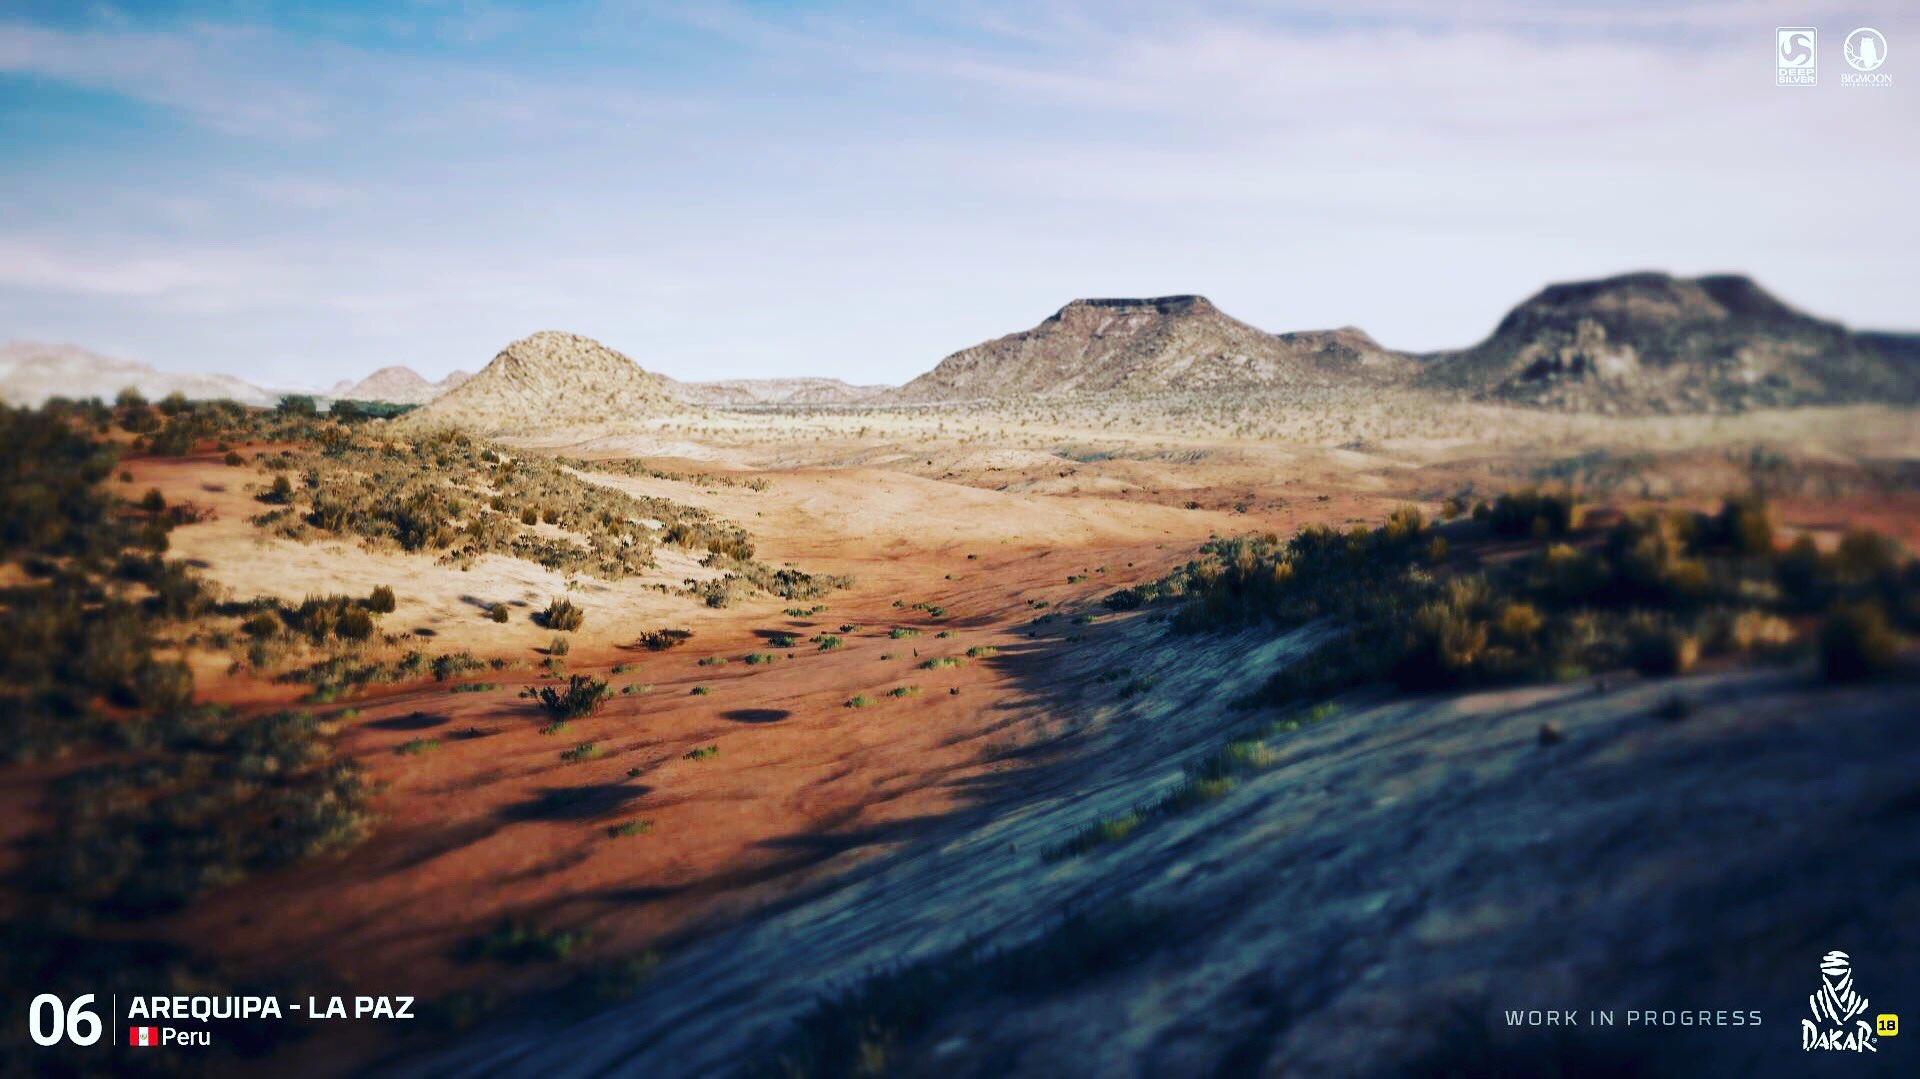 Dakar 18 environment preview 6